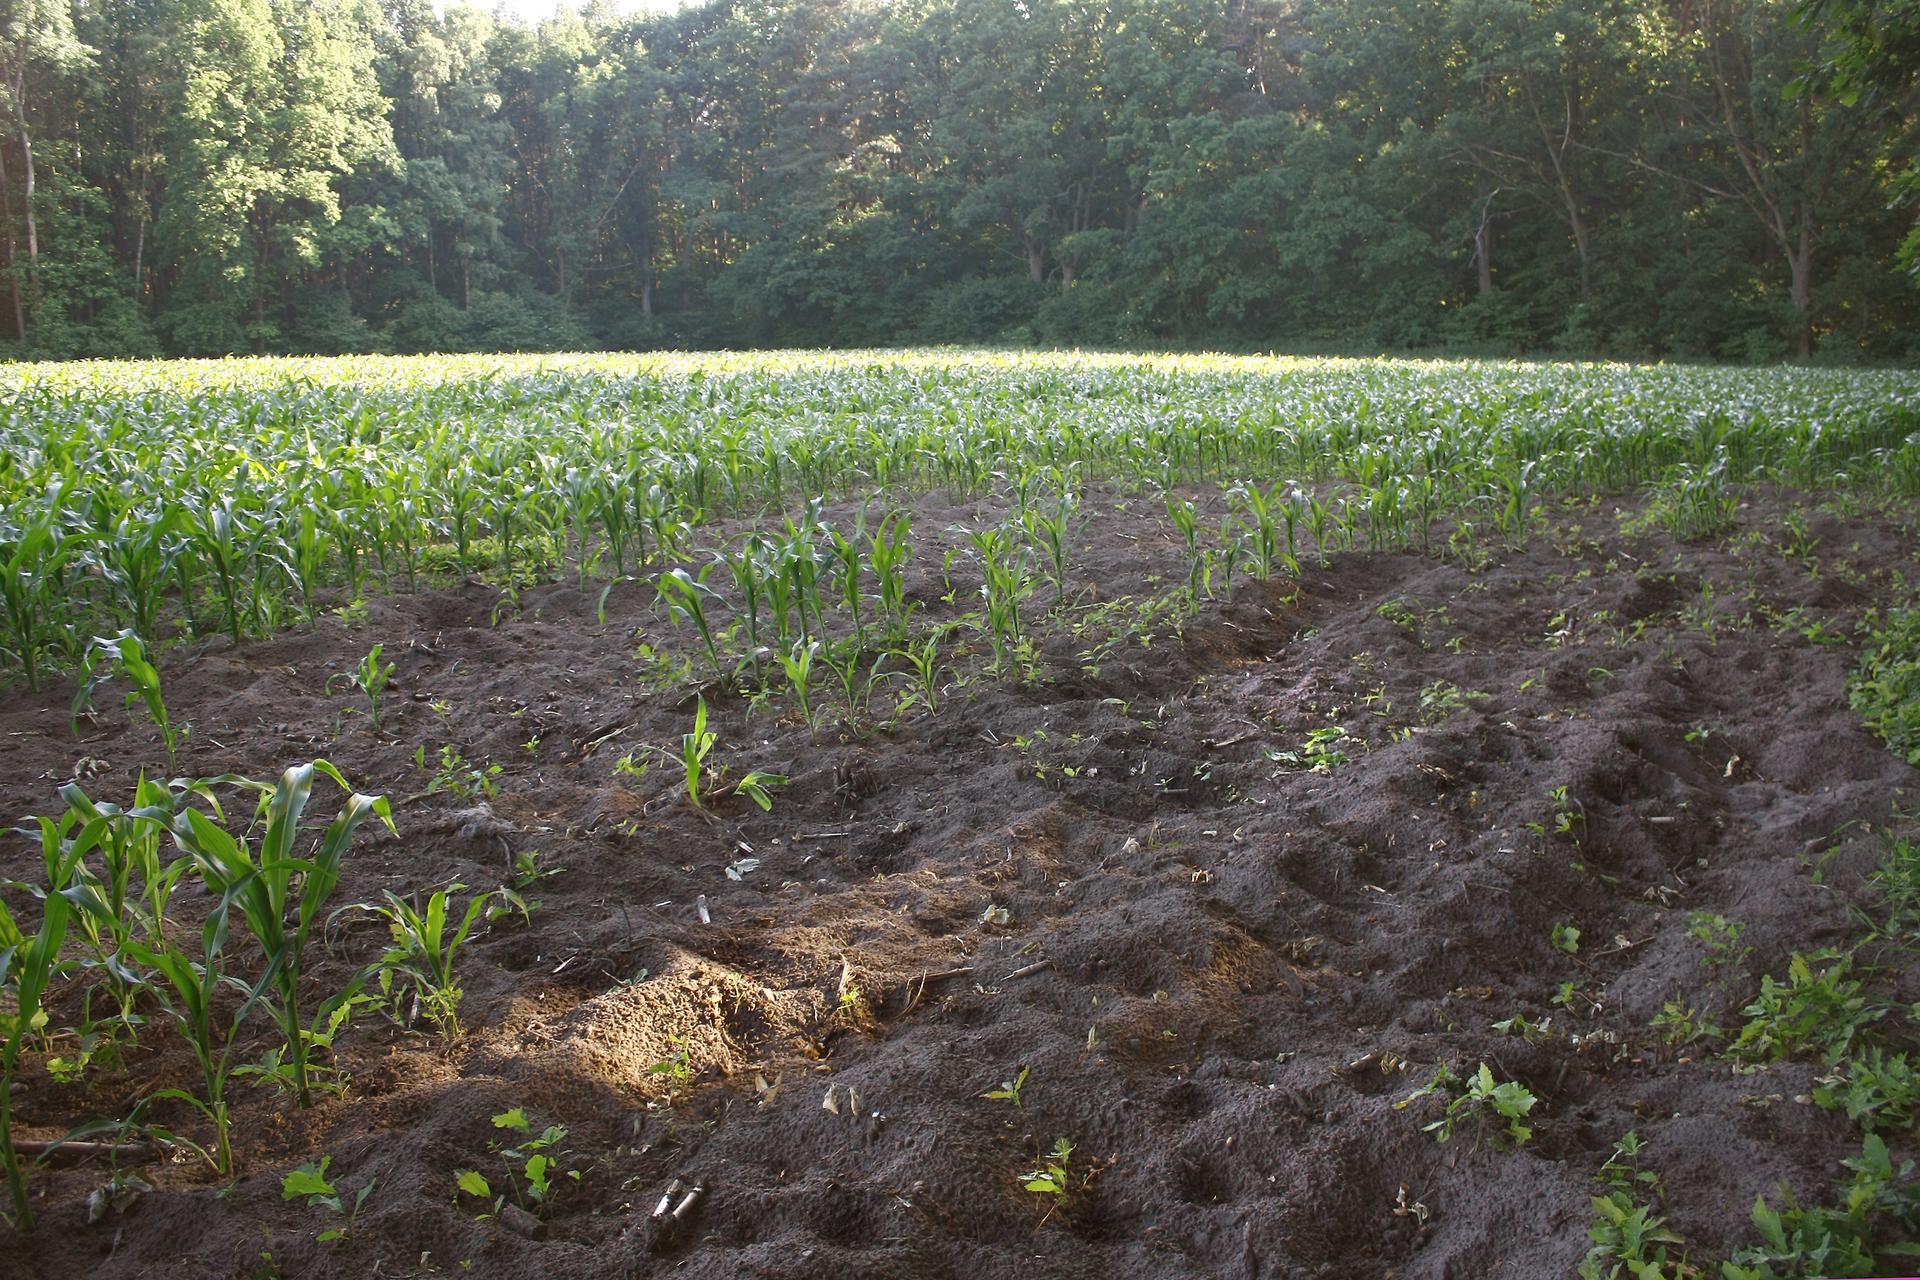 Fotografia przedstawia pole kukurydzy pod lasem. Część pola jest zryta, ze śladami zwierząt. Rośliny zostały wykopane przez dziki. Rolnik poniósł szkodę.